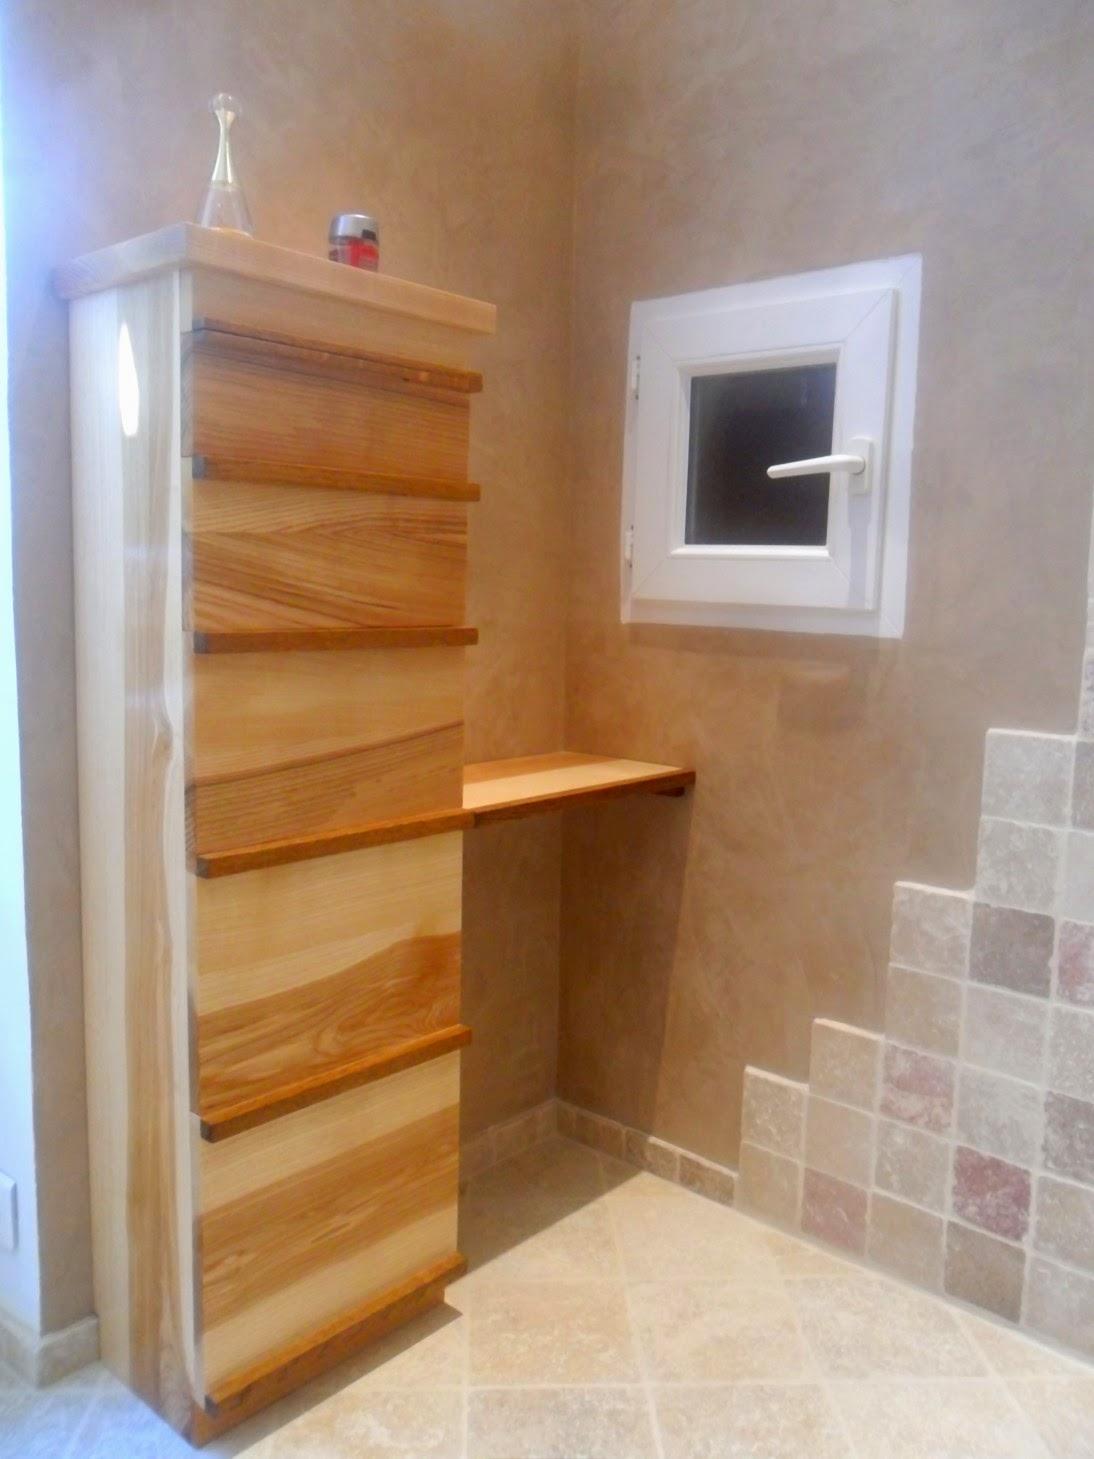 Meuble rangement salle de bain bois meuble d coration maison for Meuble de salle de bain petit